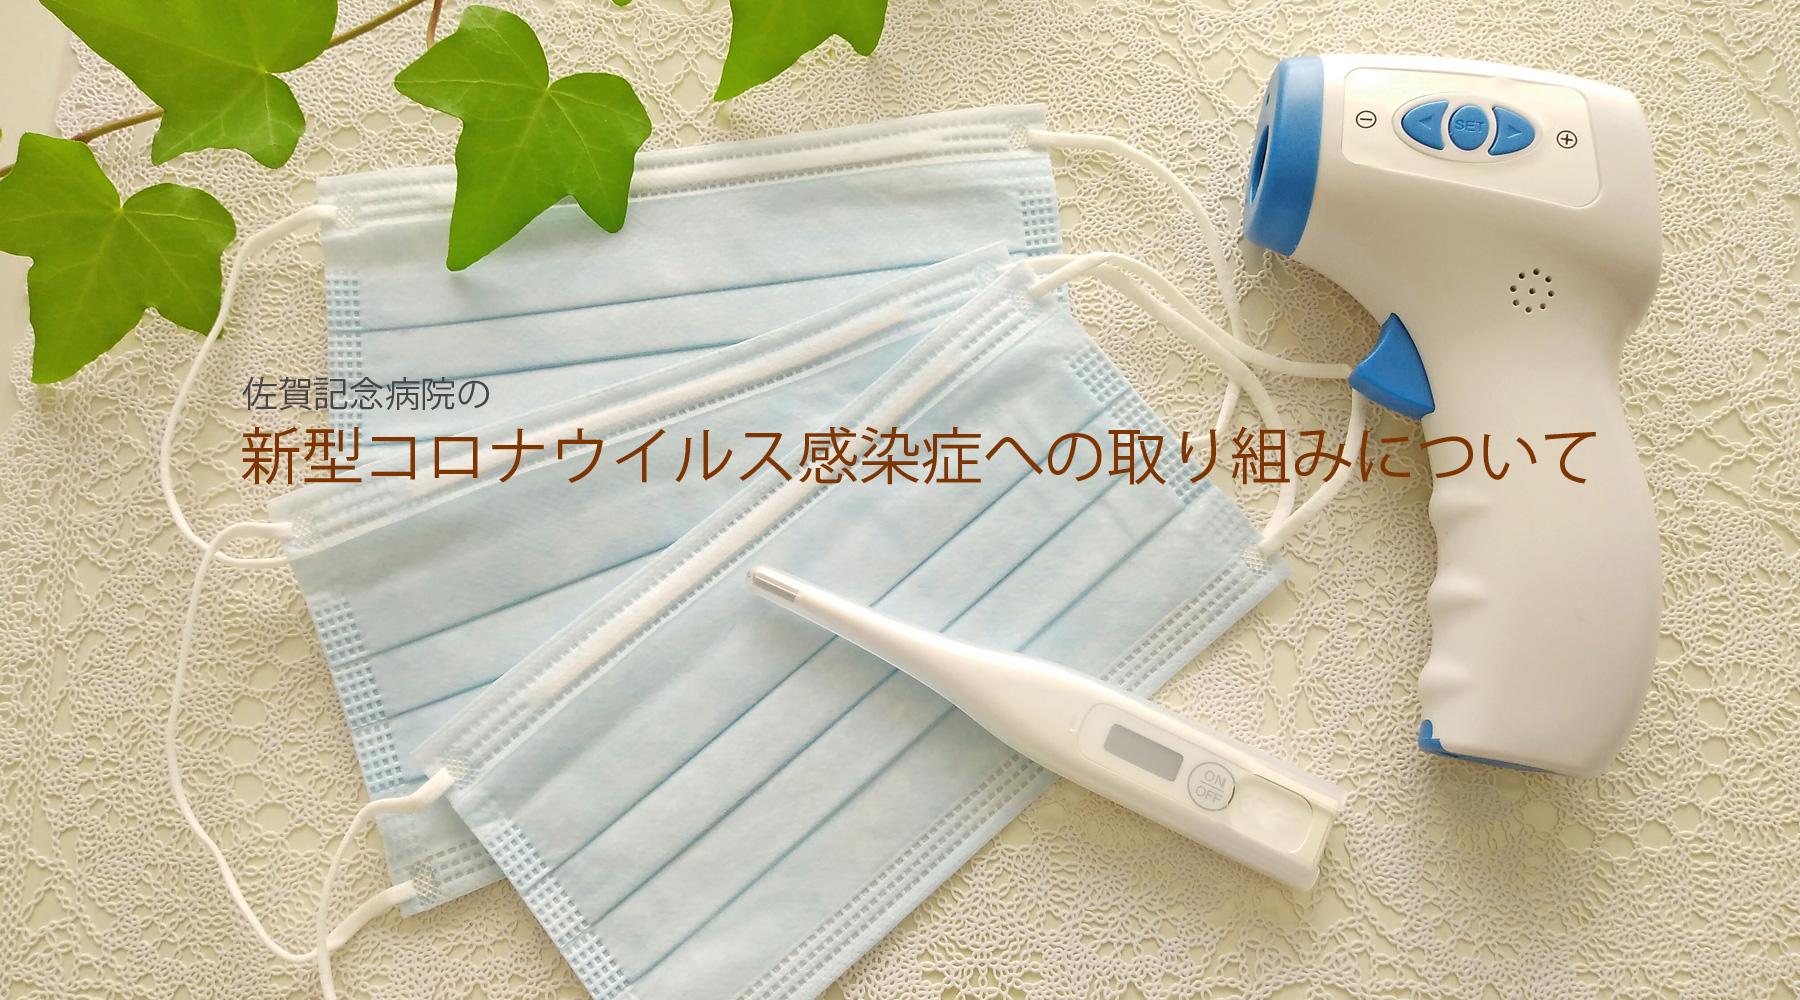 佐賀記念病院の新型コロナウイルス感染症への取り組みについて